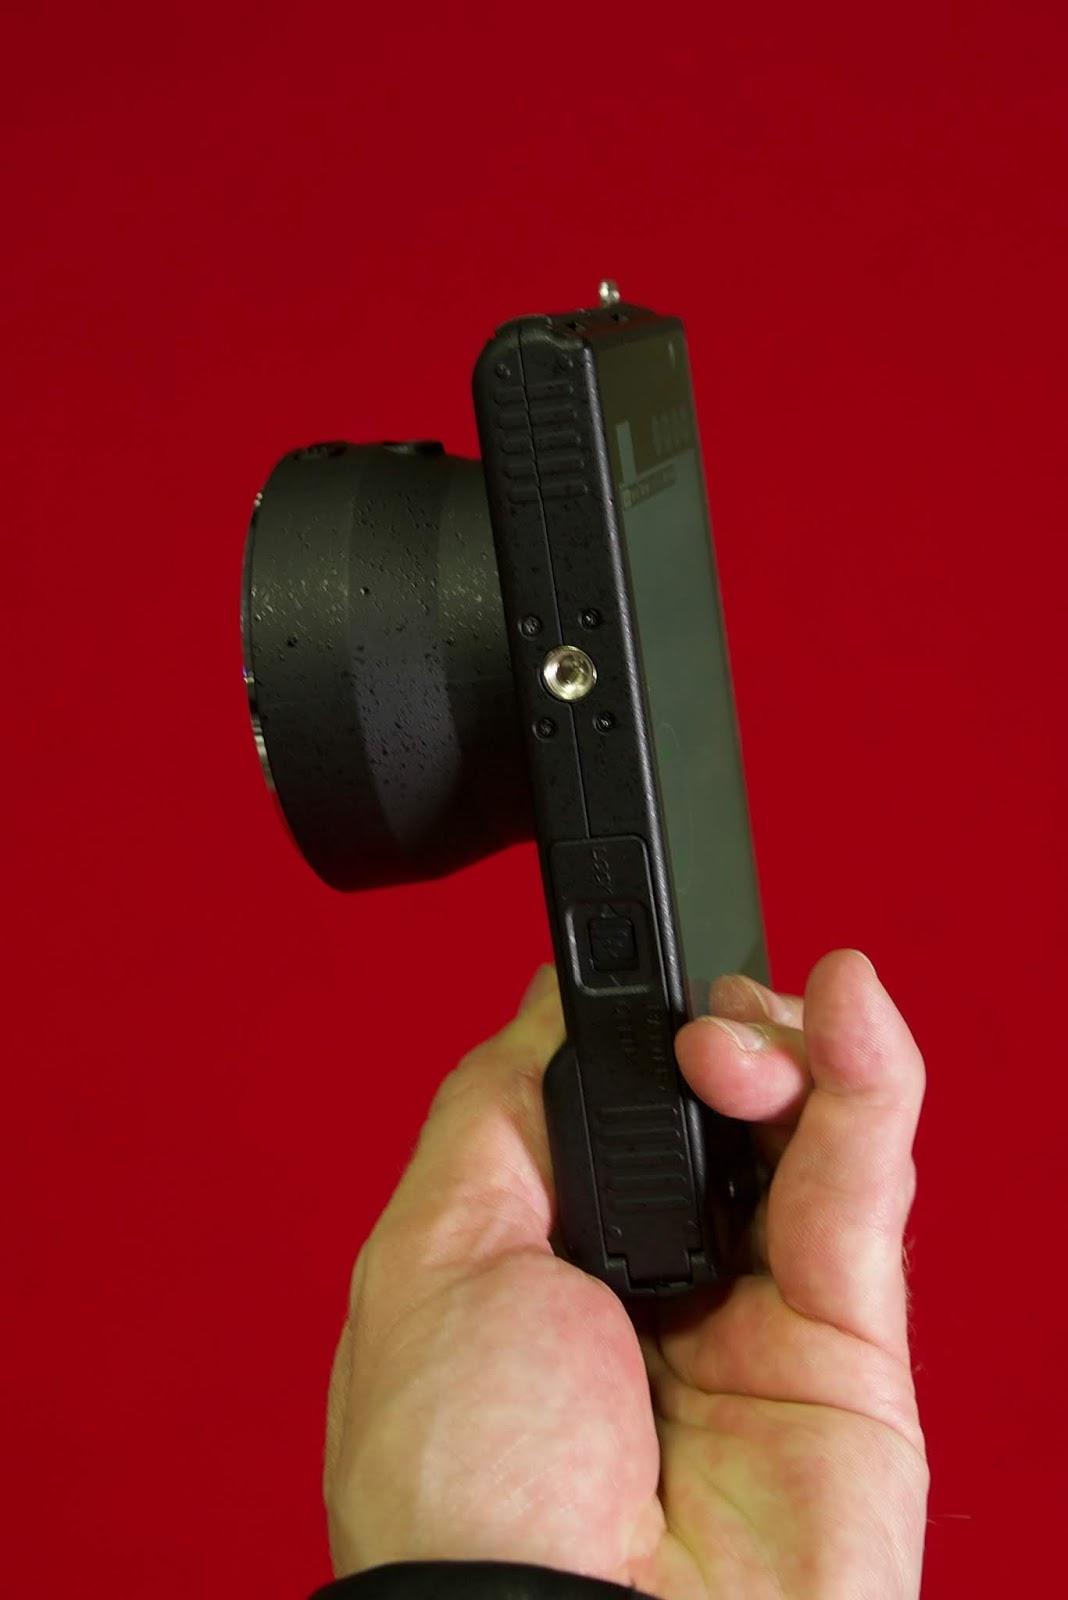 Камера Yongnuo YN450, вид снизу